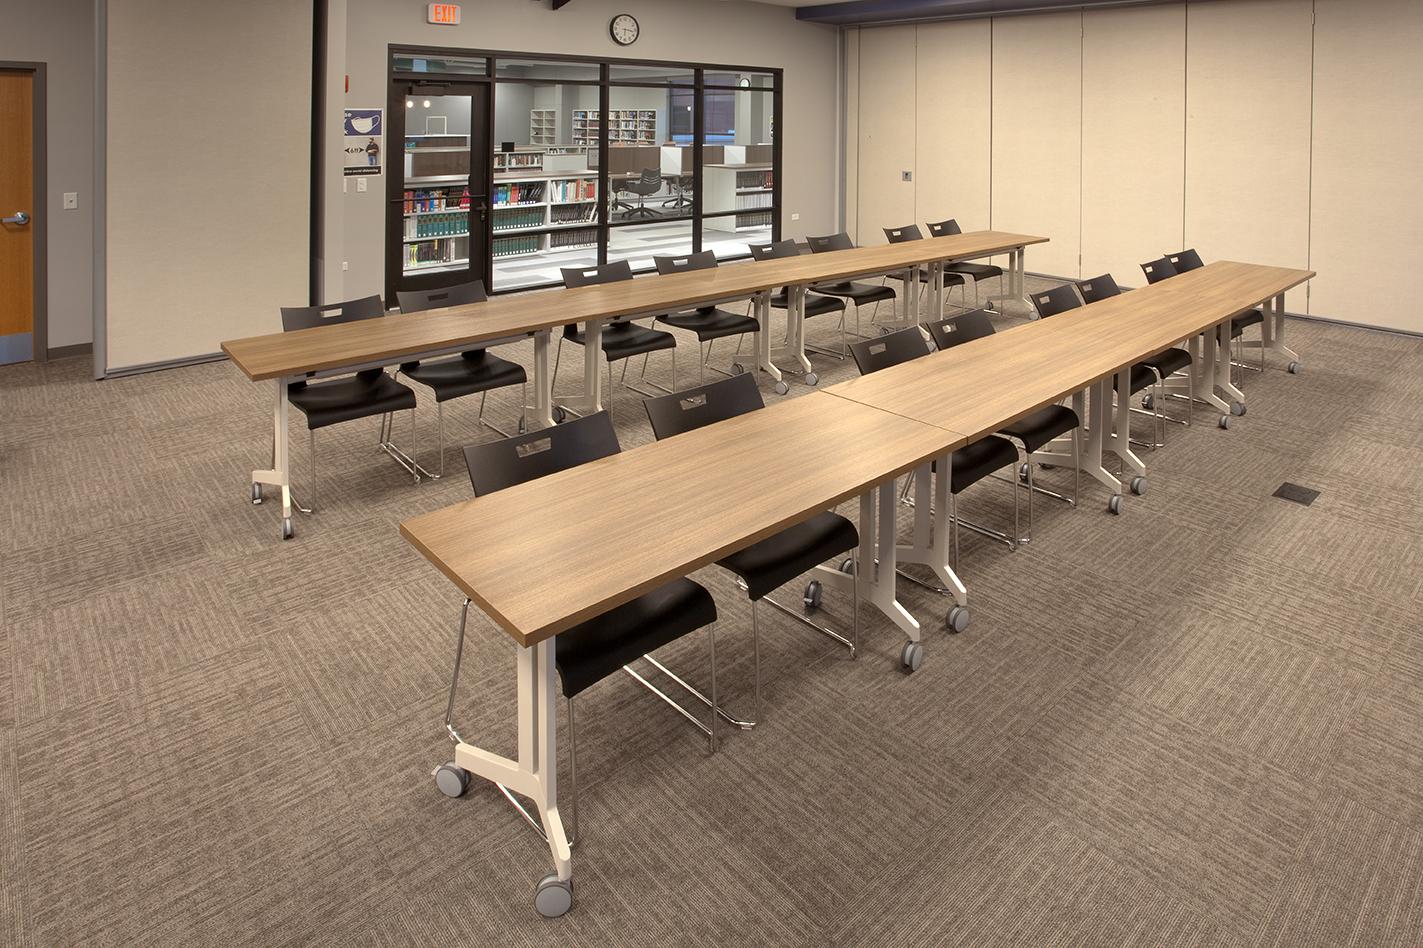 benet-academy-classroom-3-lo